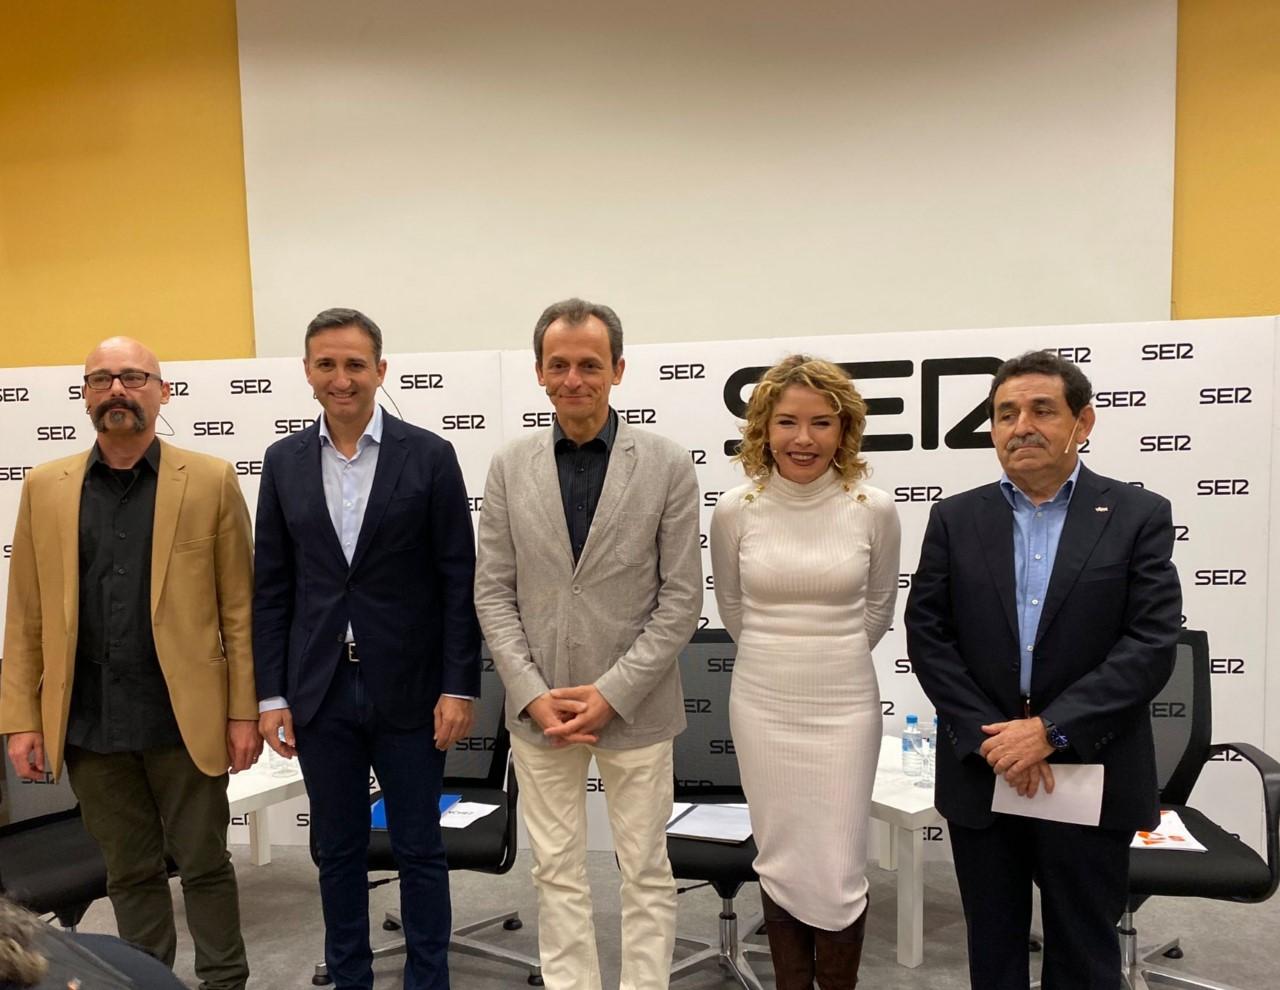 Txema Guijarro, Cesar Sánchez, Pedro Duque, Marta Martín y Manuel Mestre en el debate de la Ser para el 10-N.